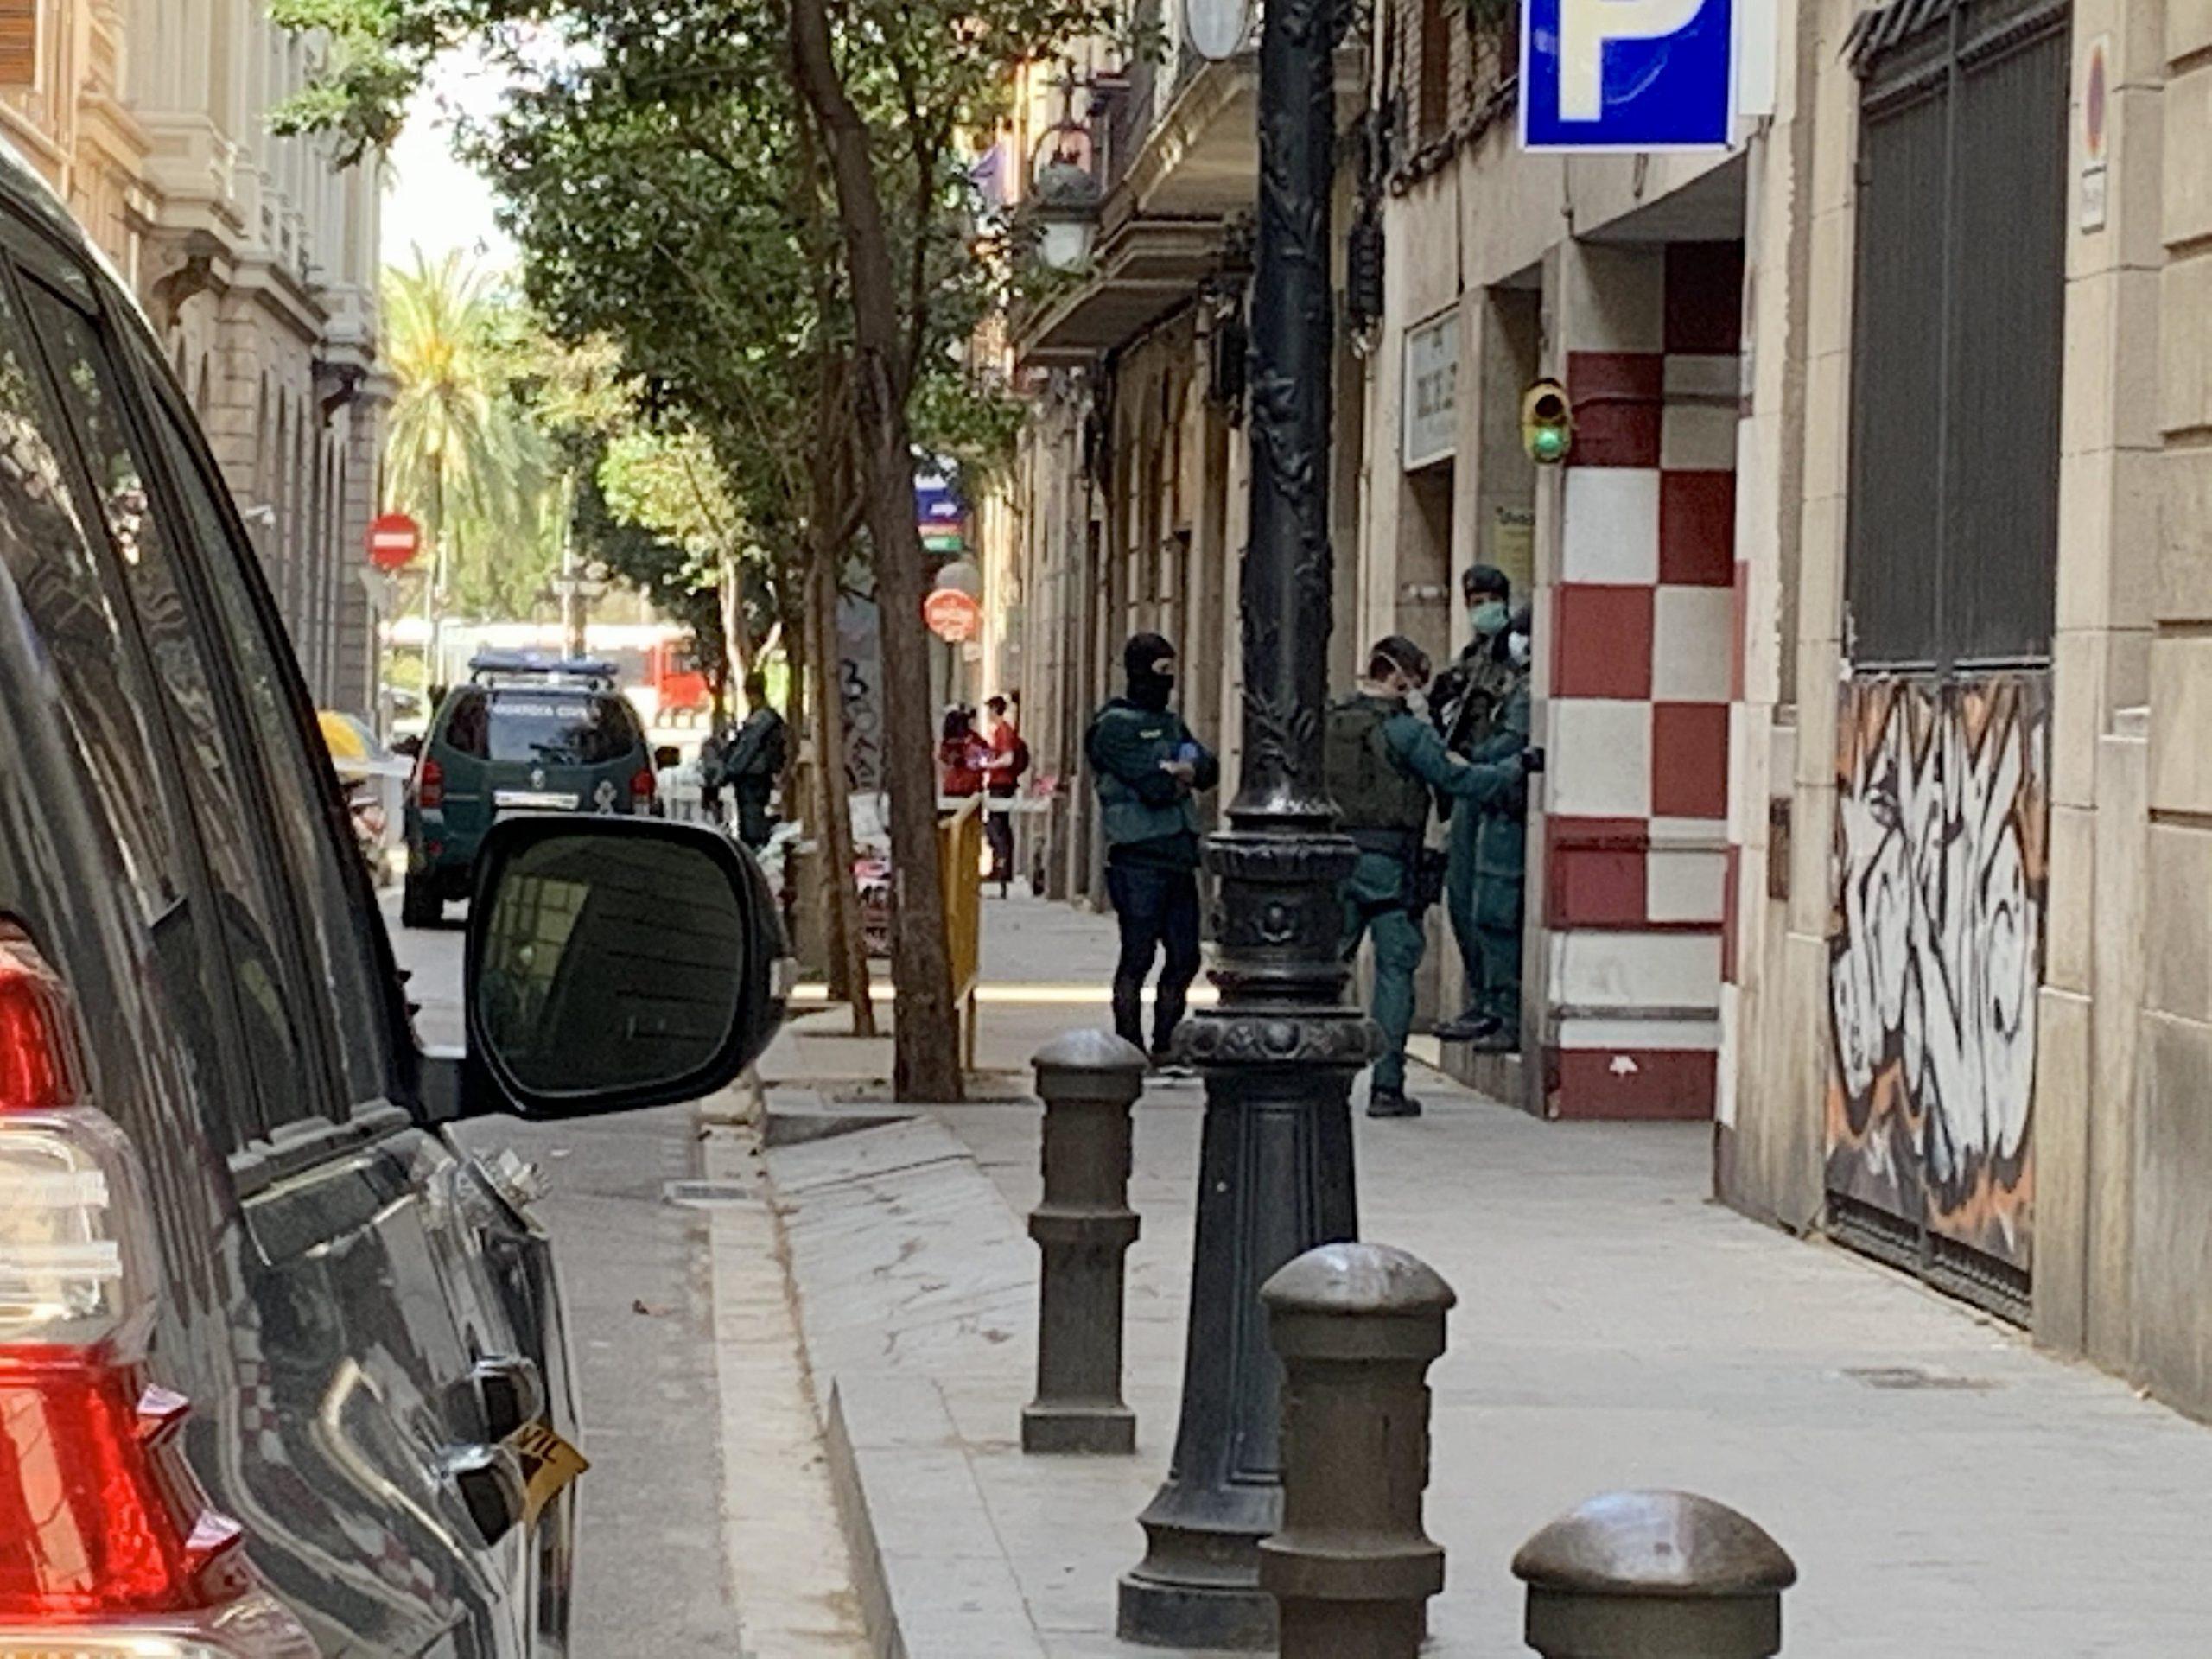 La Guàrdia Civil talla el carrer Anselm Clavé durant l'escorcoll del pis del suposat 'llop solitari' detingut aquest divendres perquè se sospitava que volia cometre atemptats / S.B.